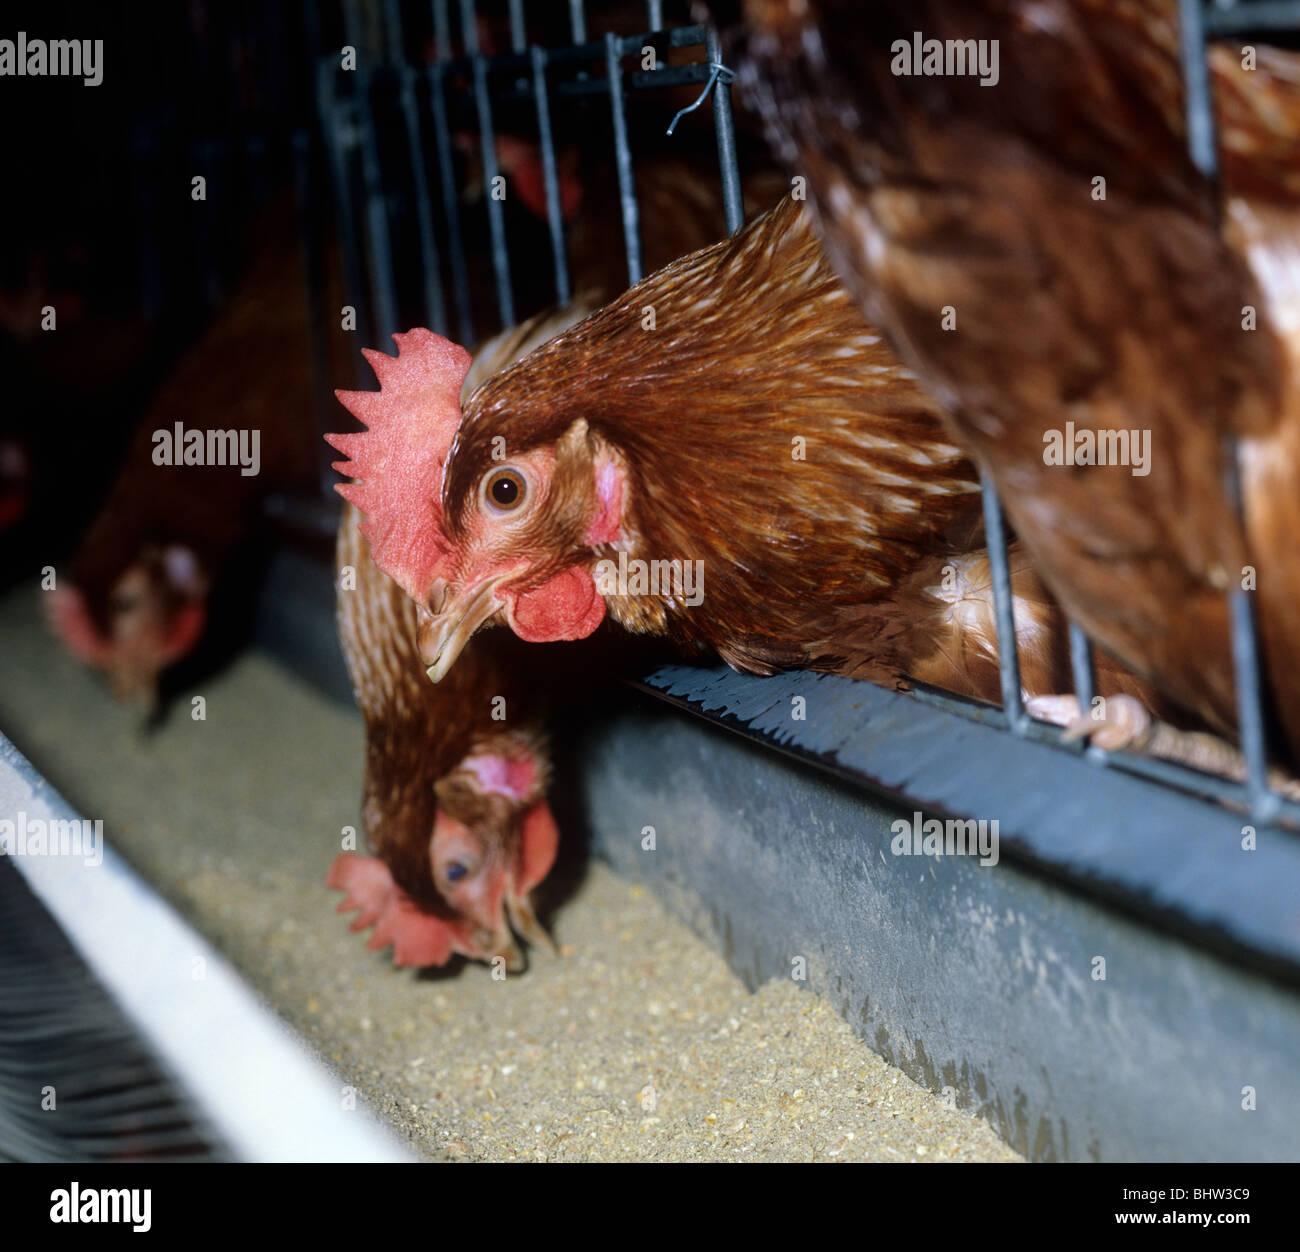 Una batería de gallina ponedora alimentando a través de la jaula, bares Foto de stock